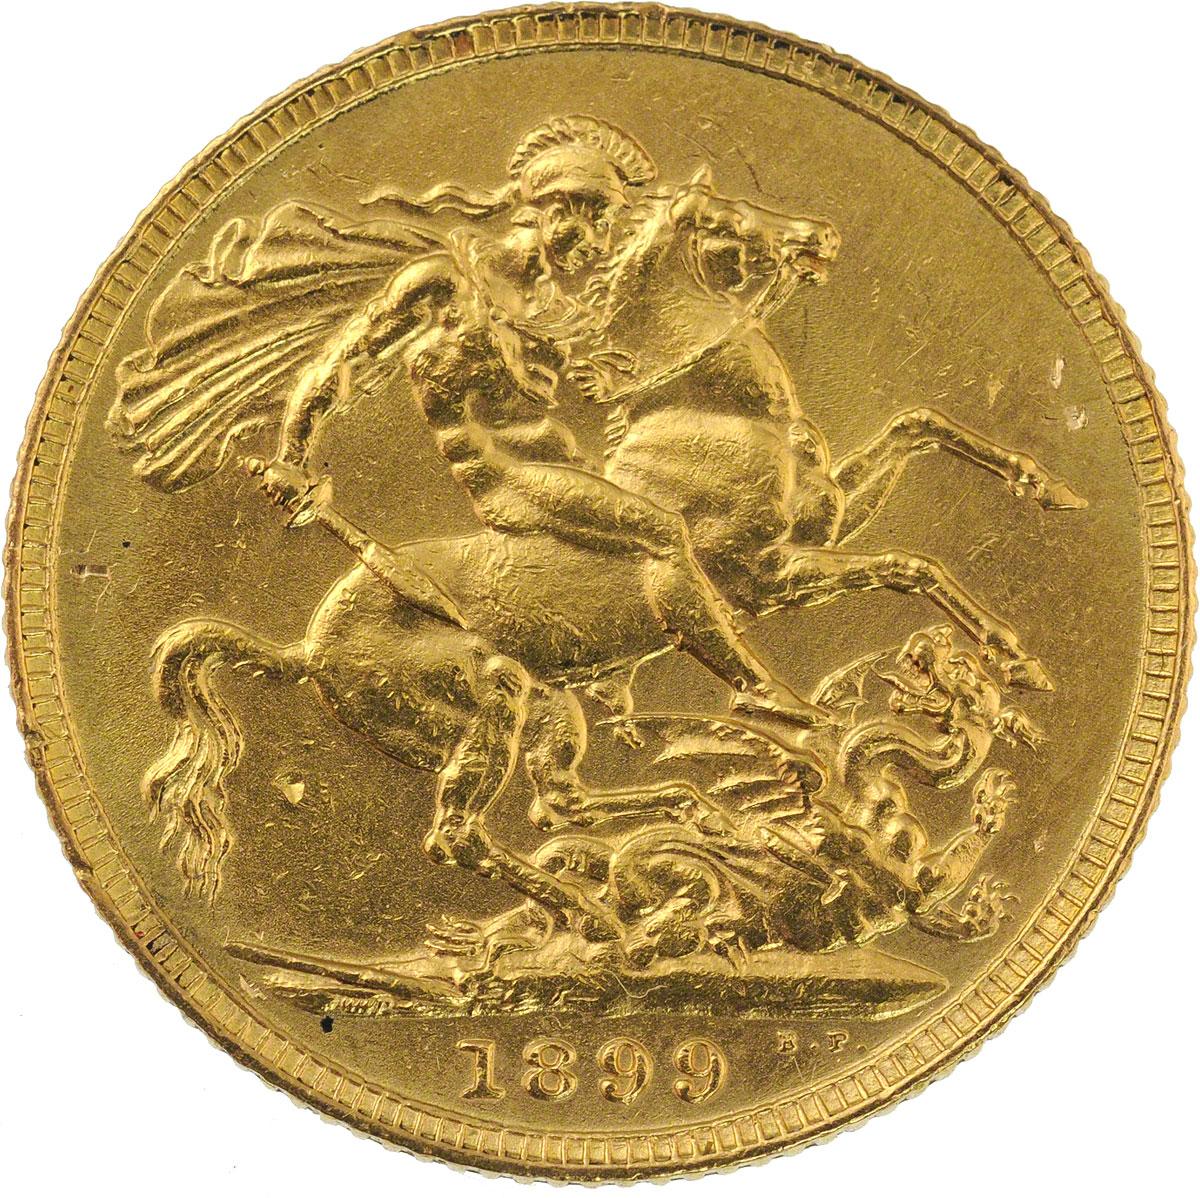 1899 Βικτώρια (Νομισματοκοπείο Λονδίνου)